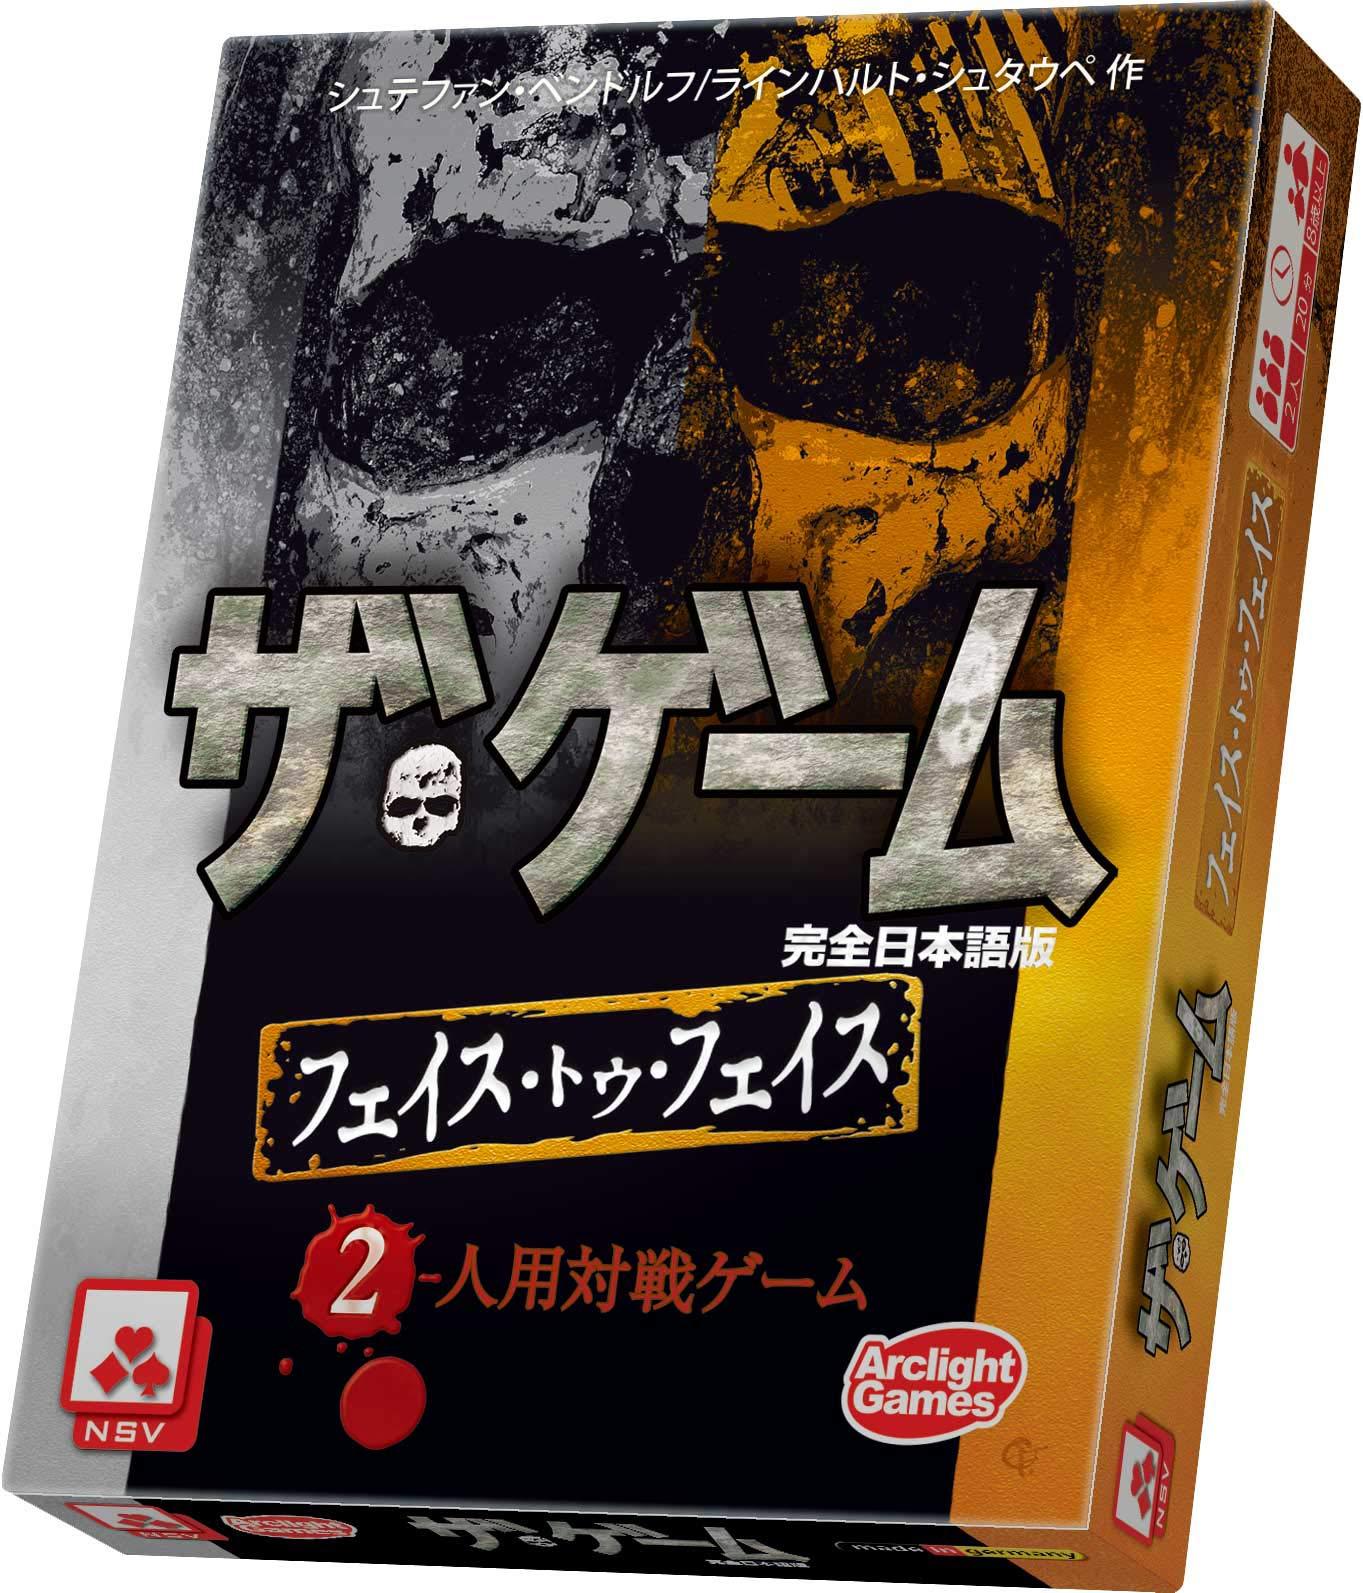 [해외]더 게임: 페이스 투 페이스 완전 일본어 버전 / The game: Face to face full Japanese version